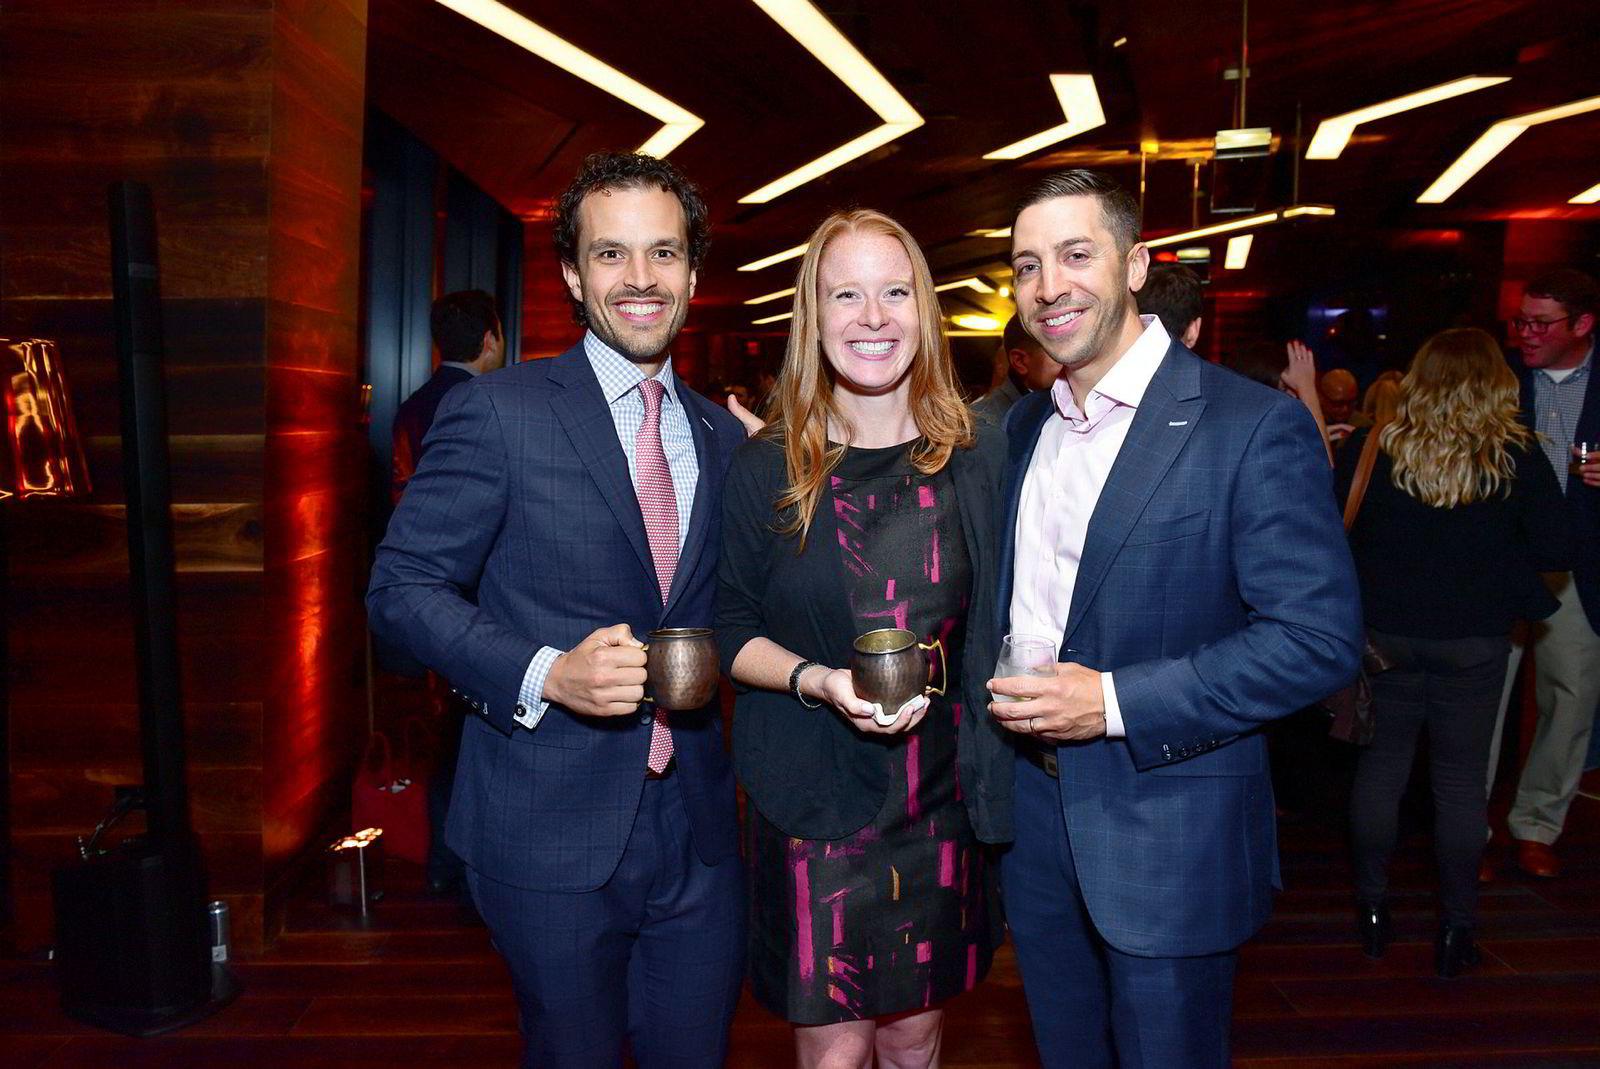 Simon Koster (t.v) sammen med Charlotte Koster og Tom Alaimo på en fest i JDS Developements skyskraper American Copper Building. Ifølge selskapet selv skal bygget være verdens største kopperkledde bygning.